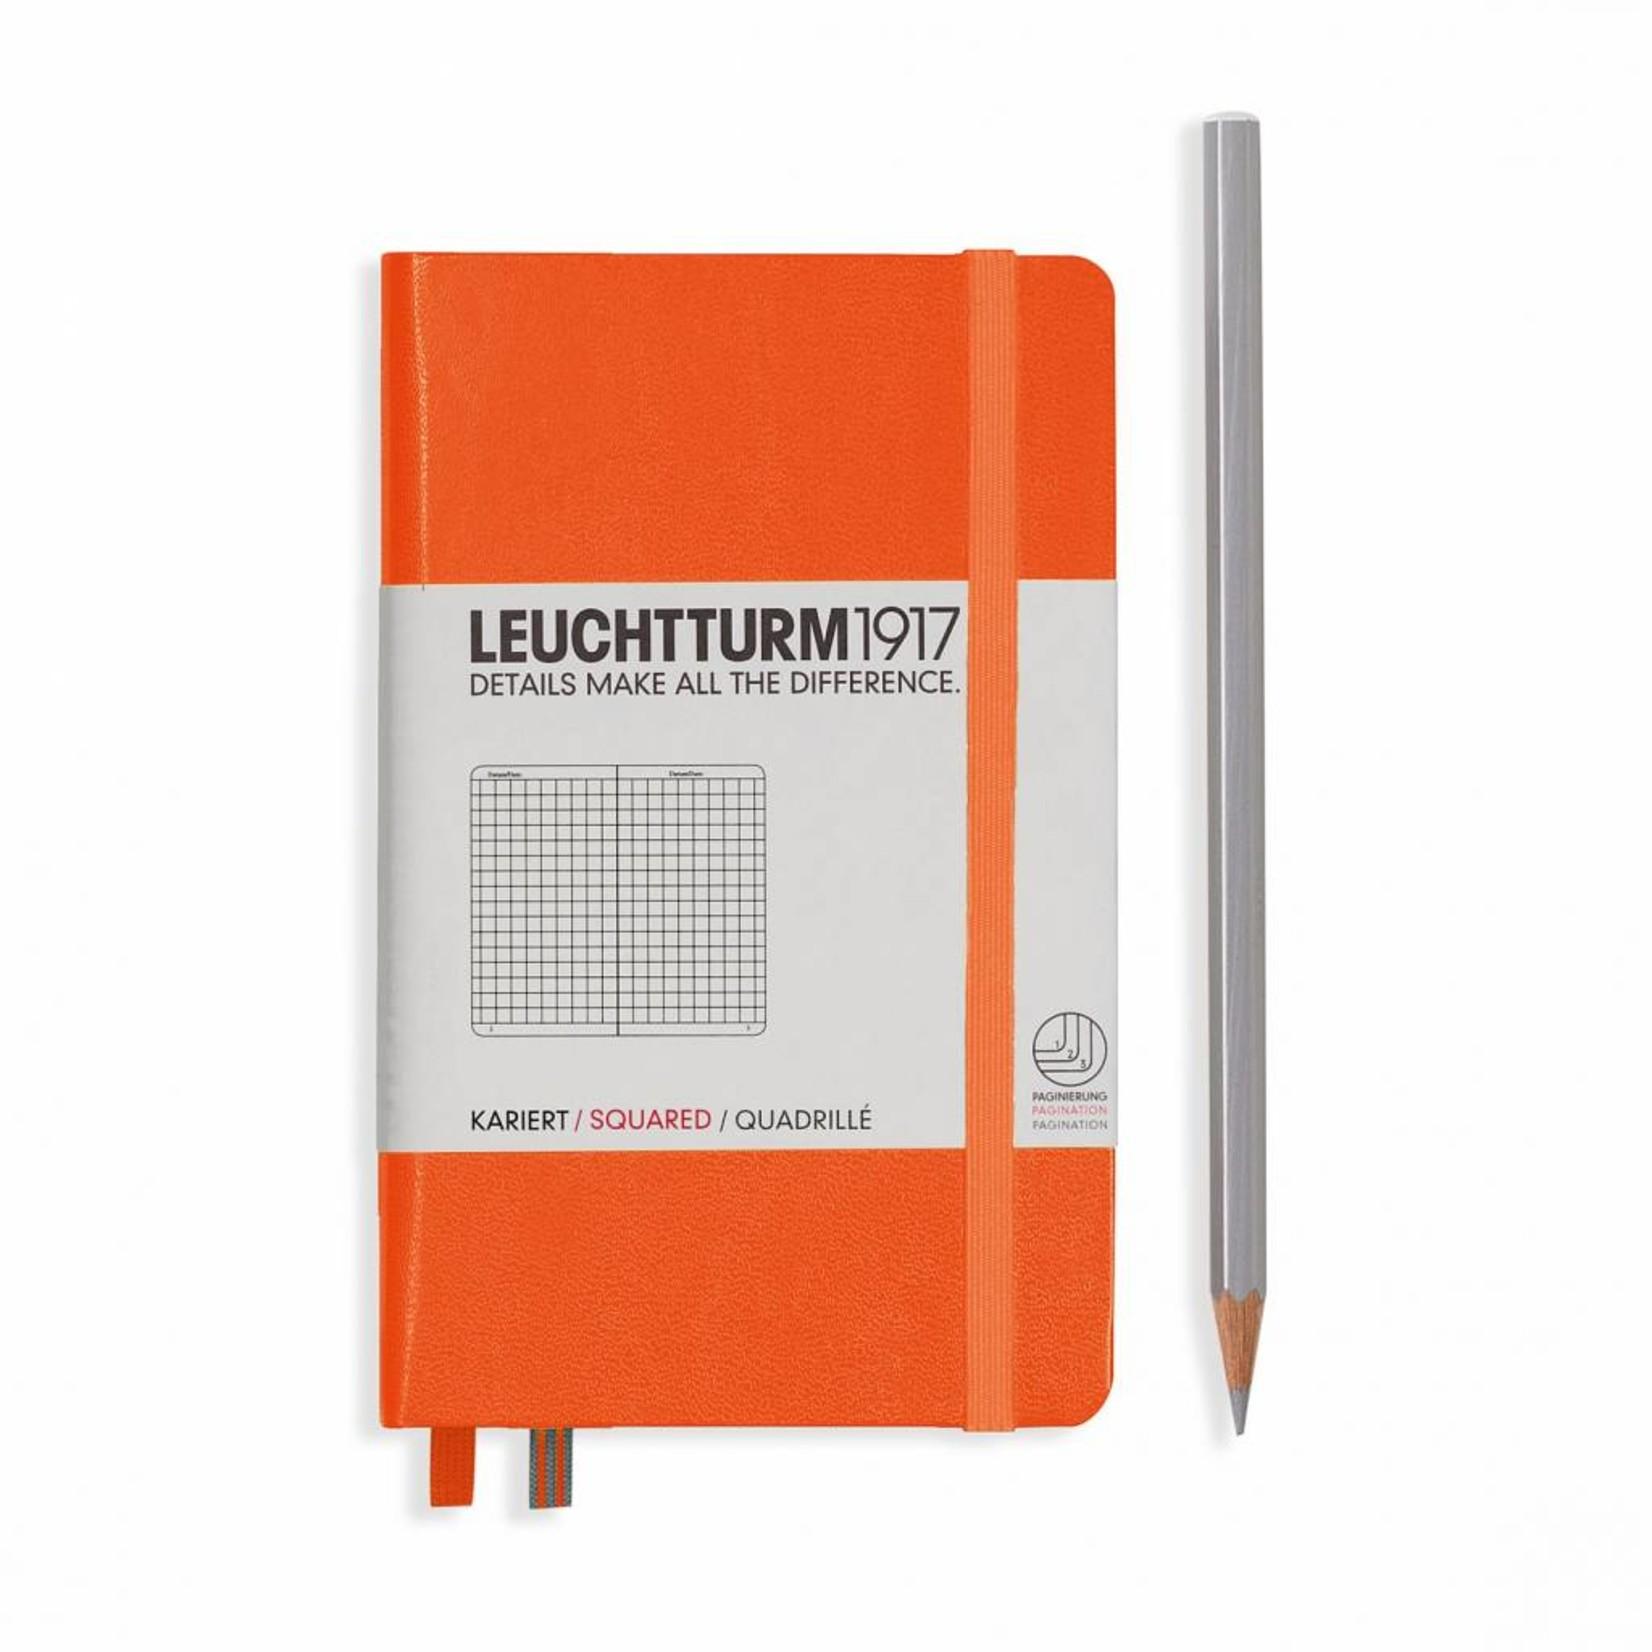 Leuchtturm1917 Leuchtturm1917 Notizbuch, Pocket, Orange, Kariert